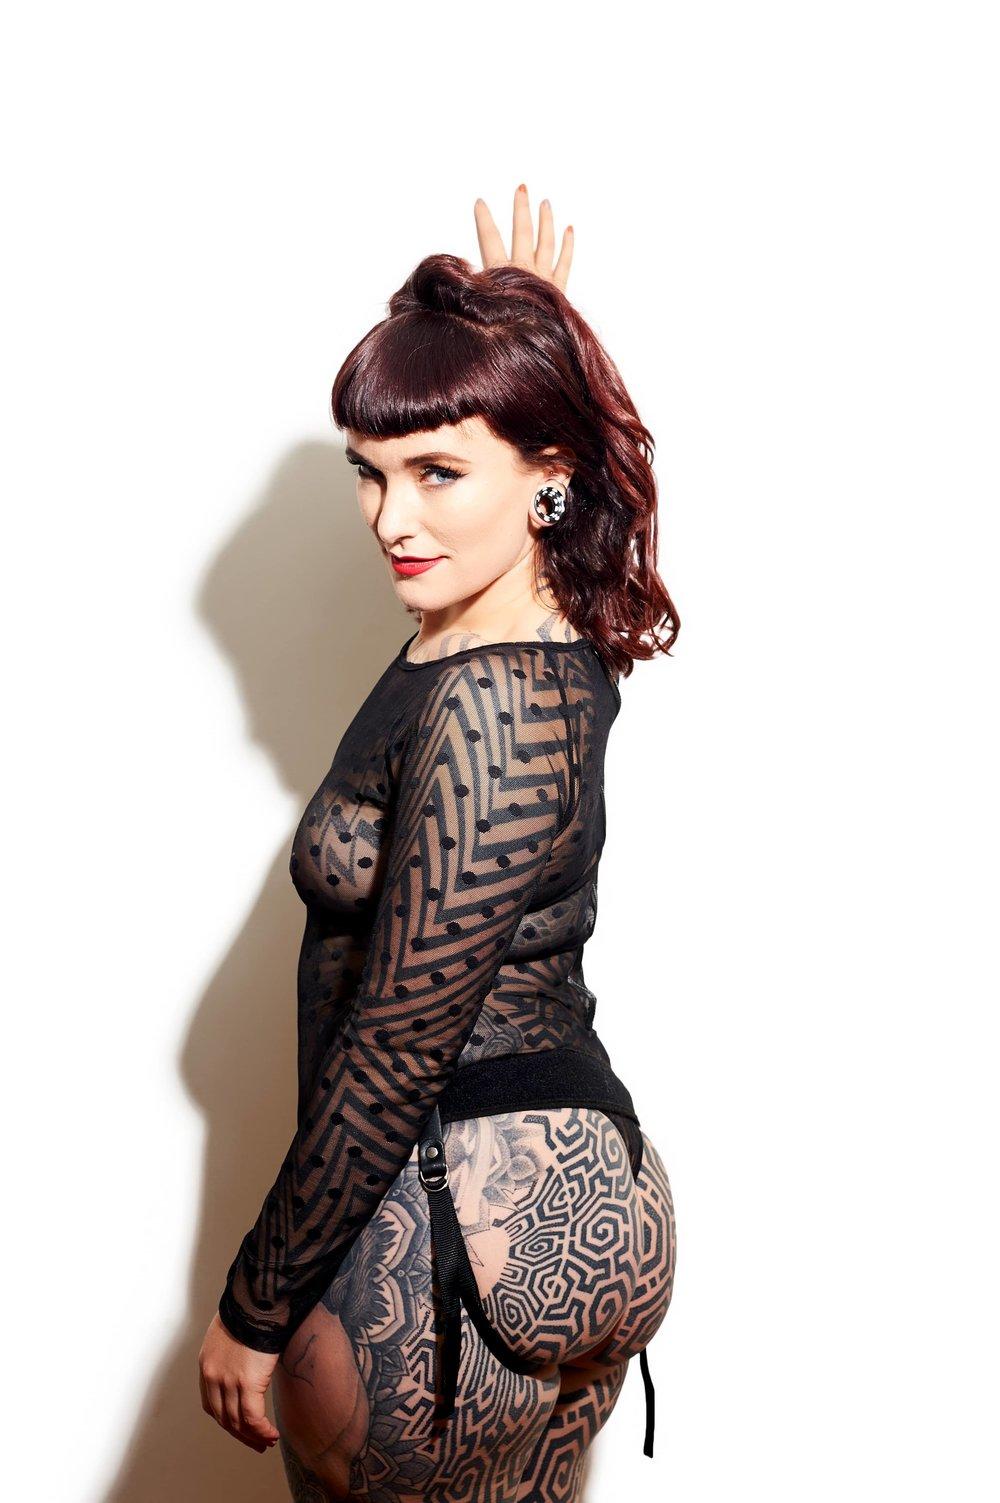 Miss Tallula Strap On.jpg